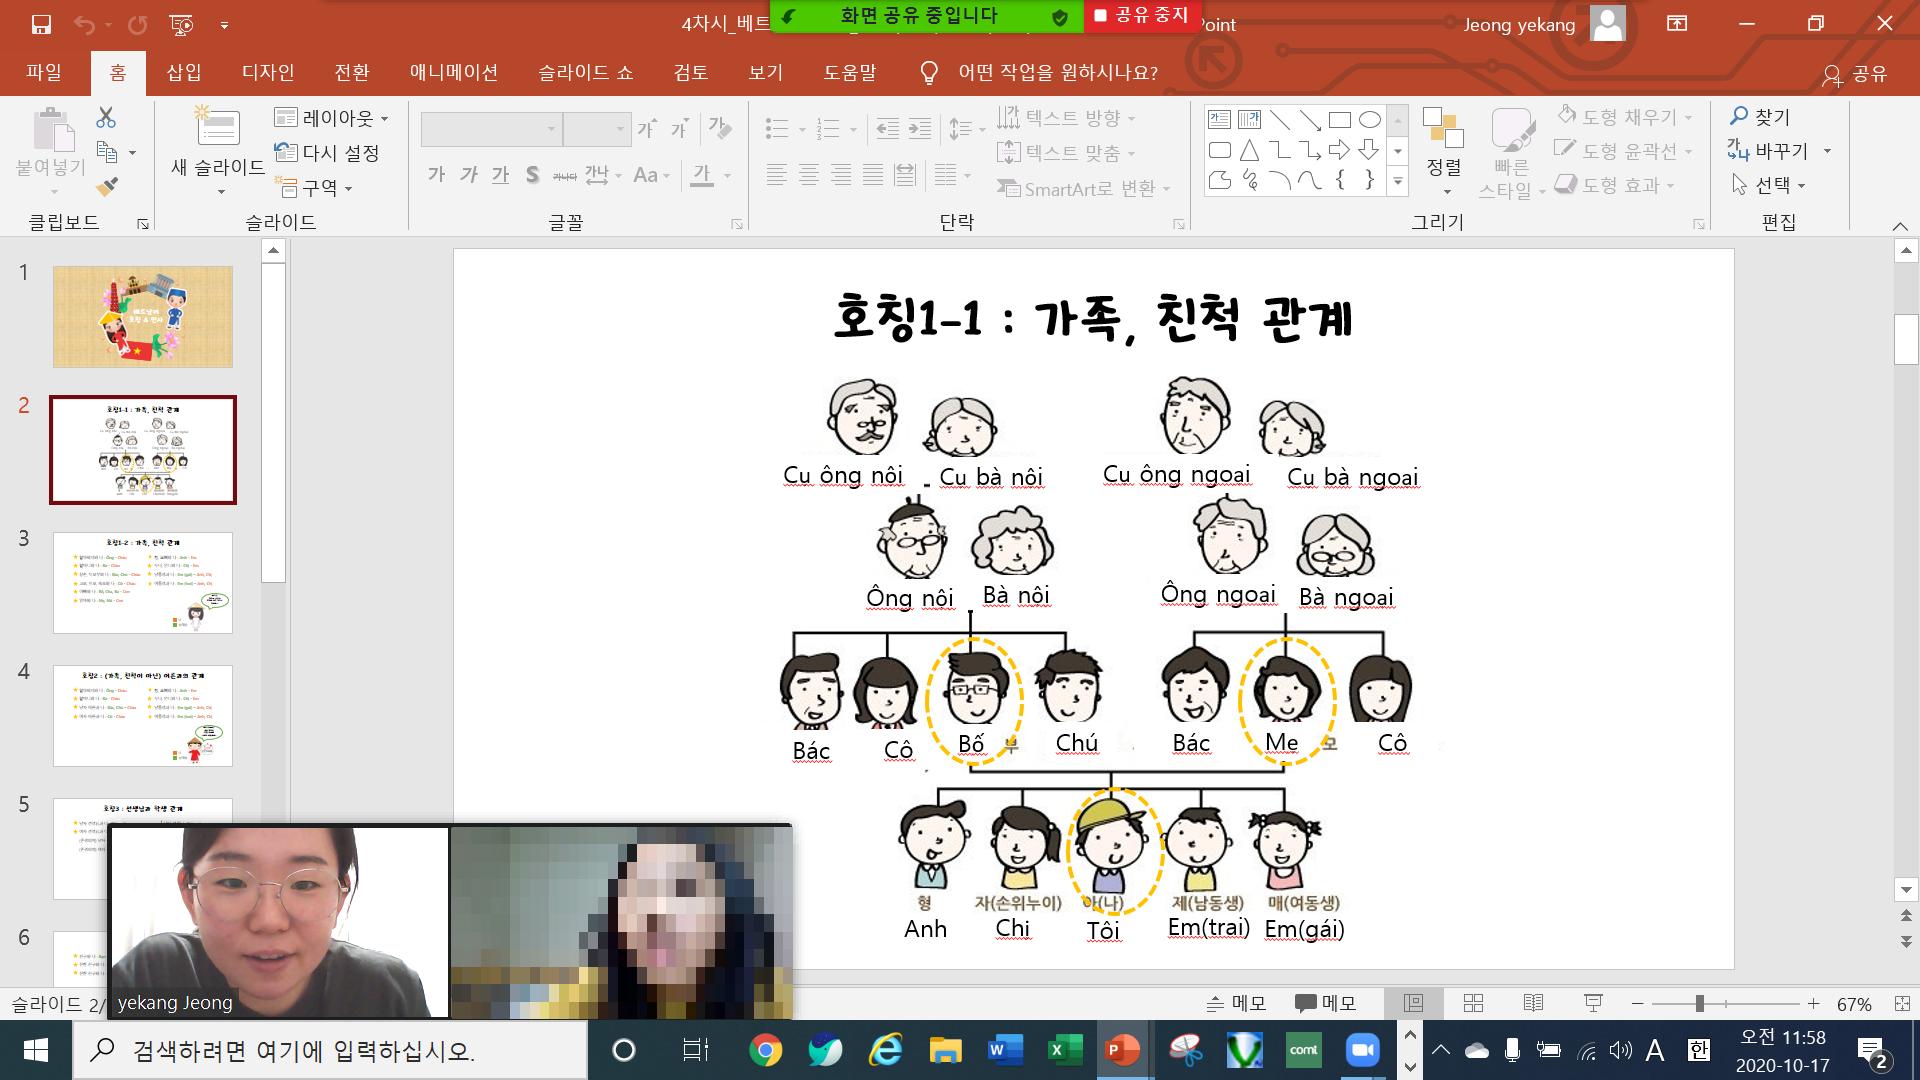 부산다문화교육지원센터 연계 2020 맞춤형 특수외국어 배움 교실 이미지